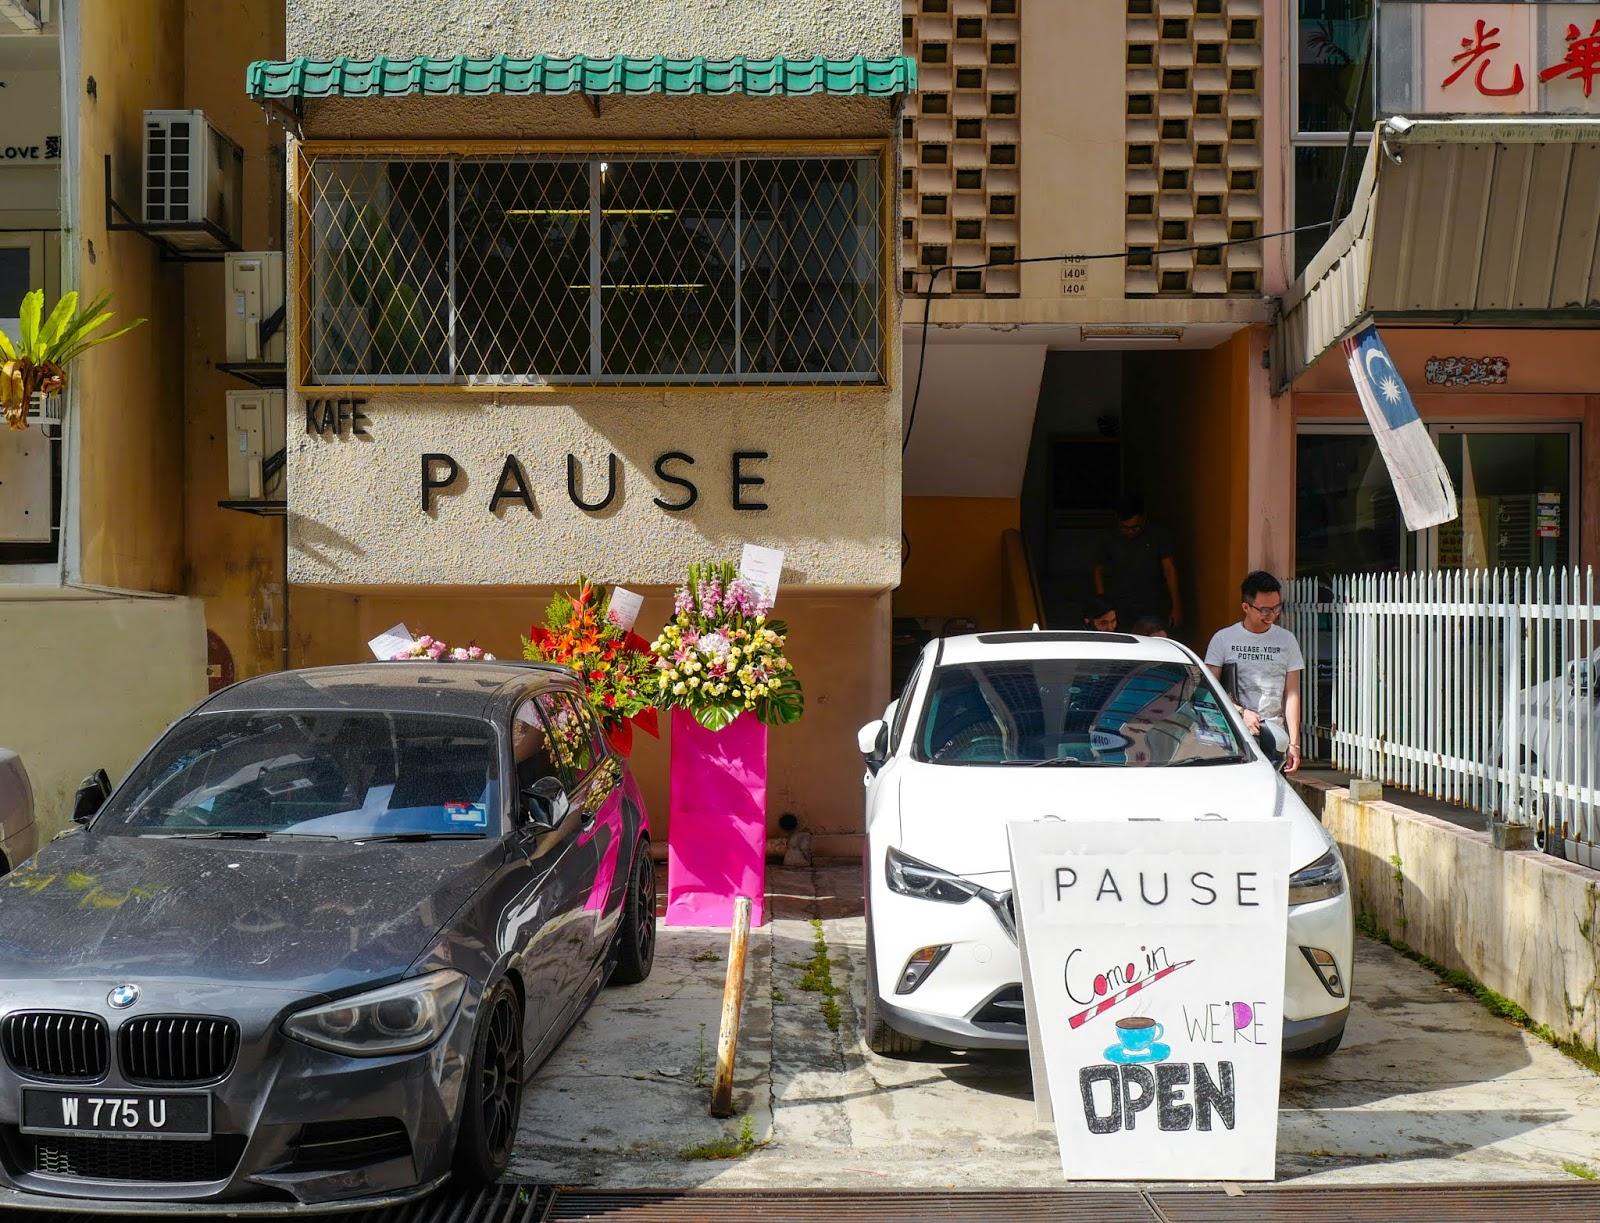 Pause Cafe, Choo Cheng Khay Road